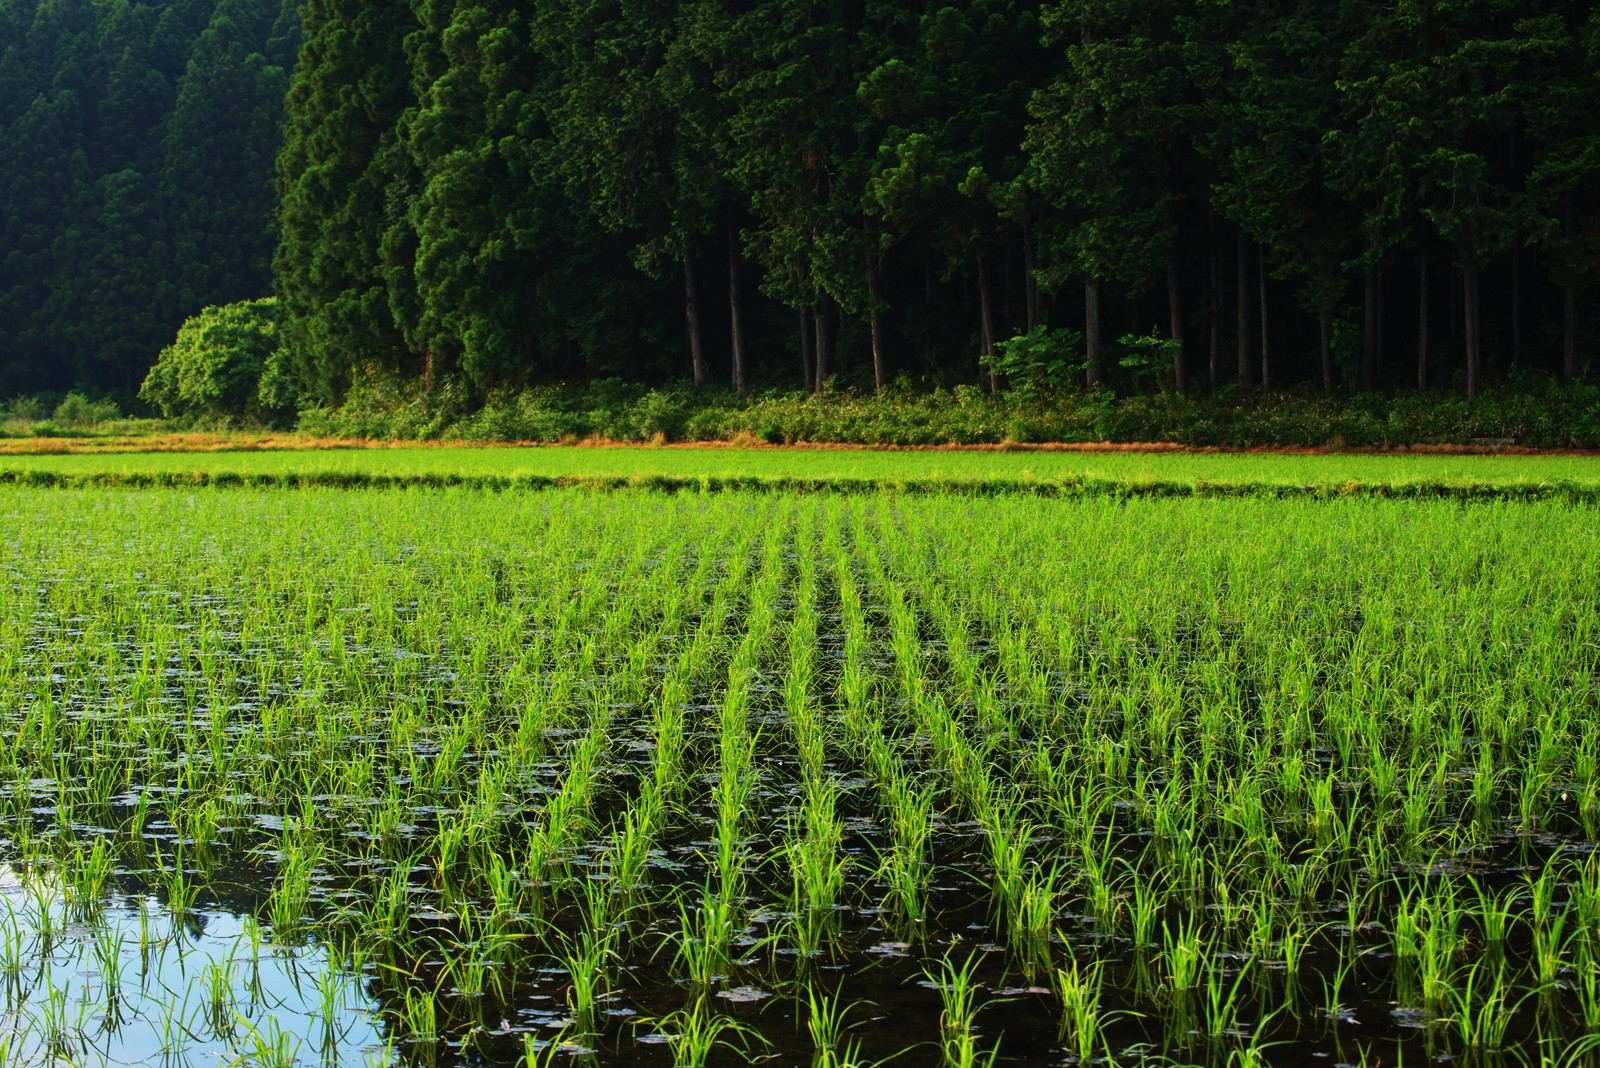 「水田に水の張った田園風景」